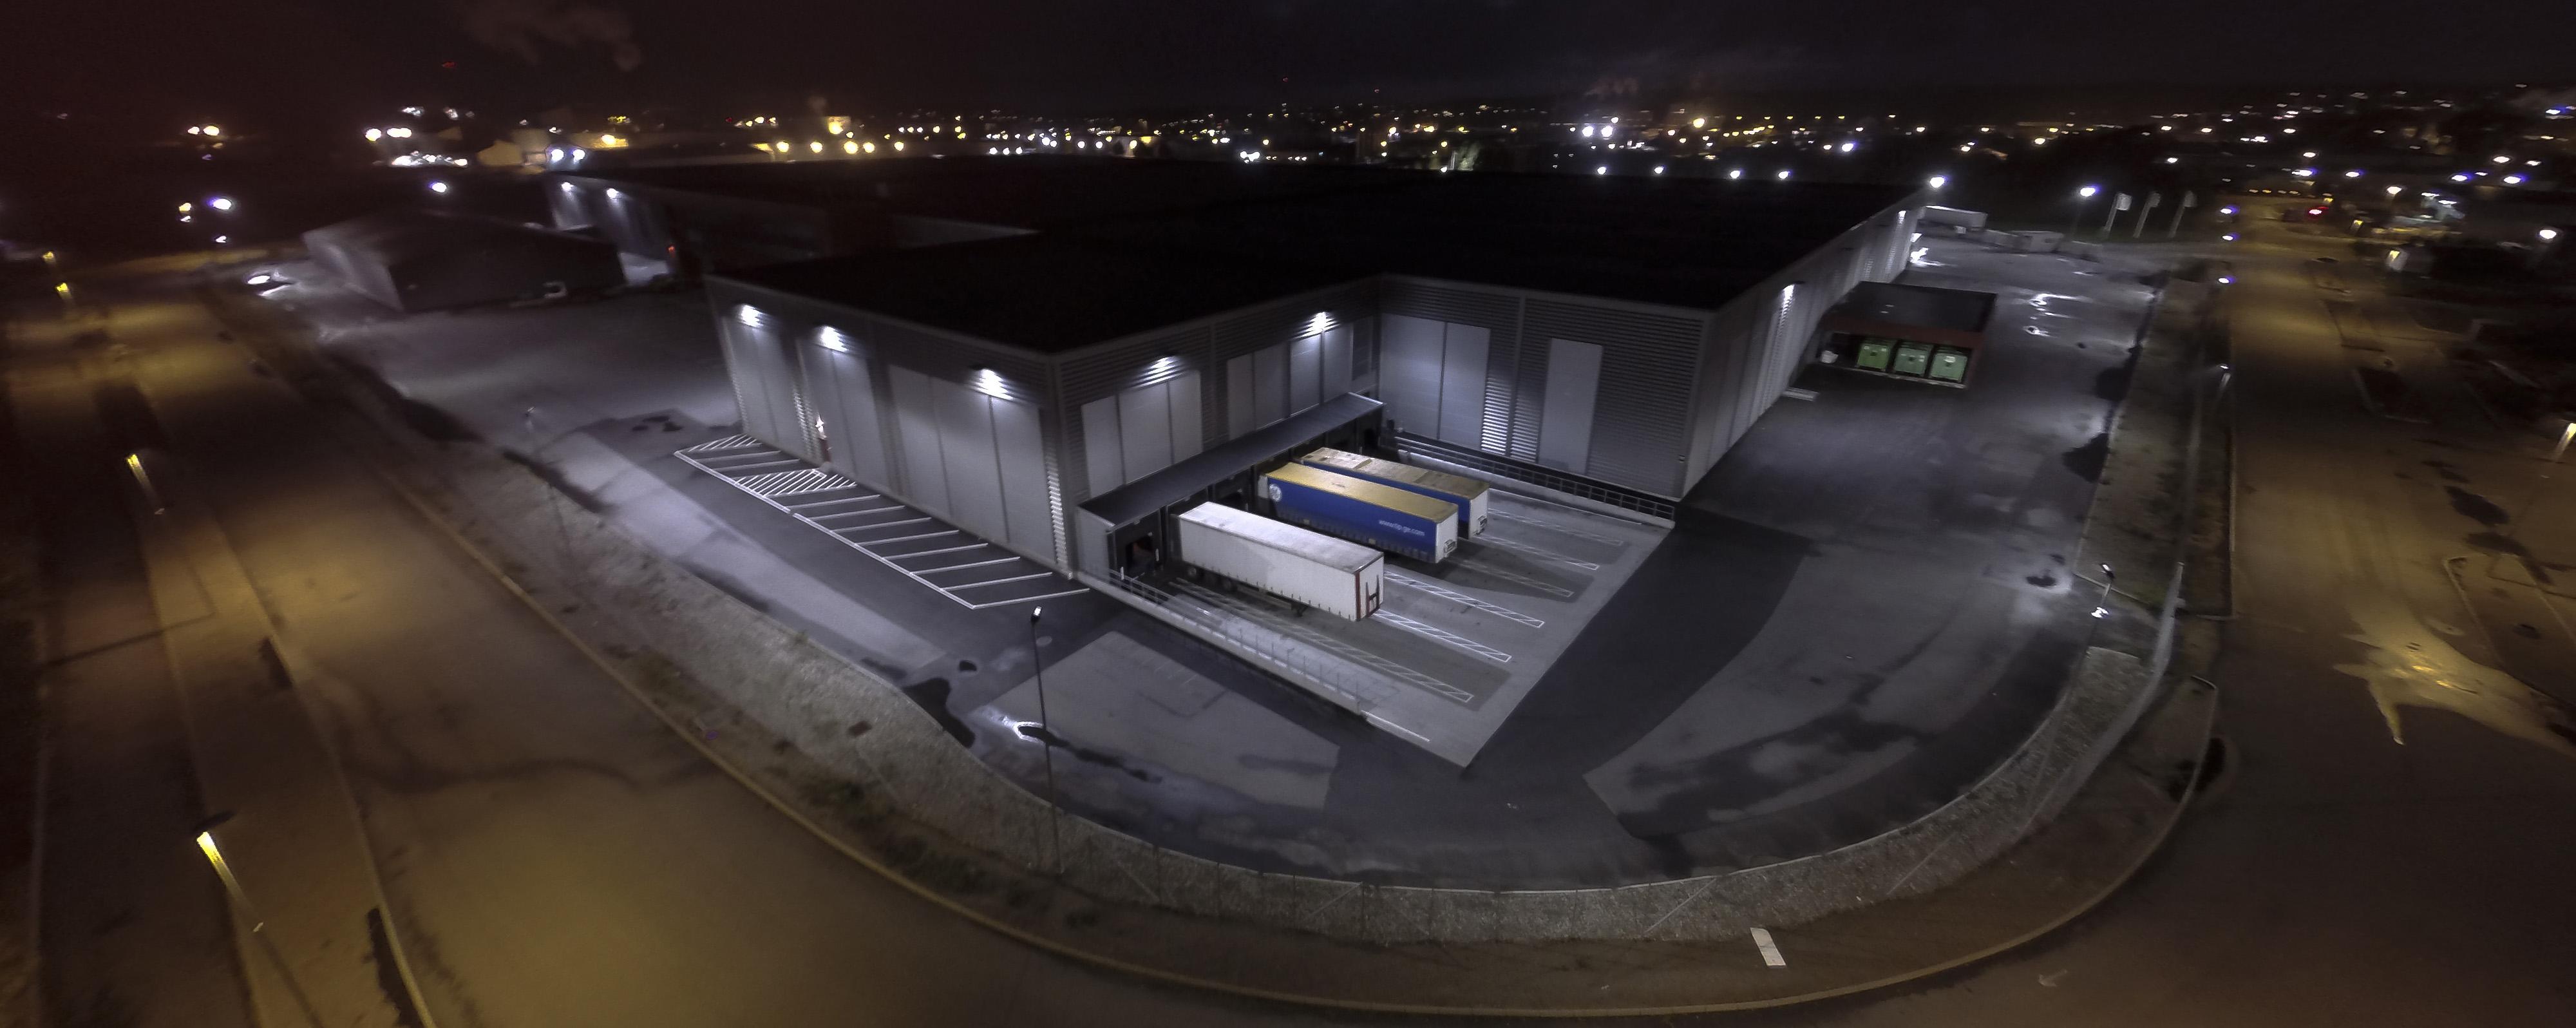 LED-Flombelysning ved Europris sitt hovedlager og parkeringsplass.